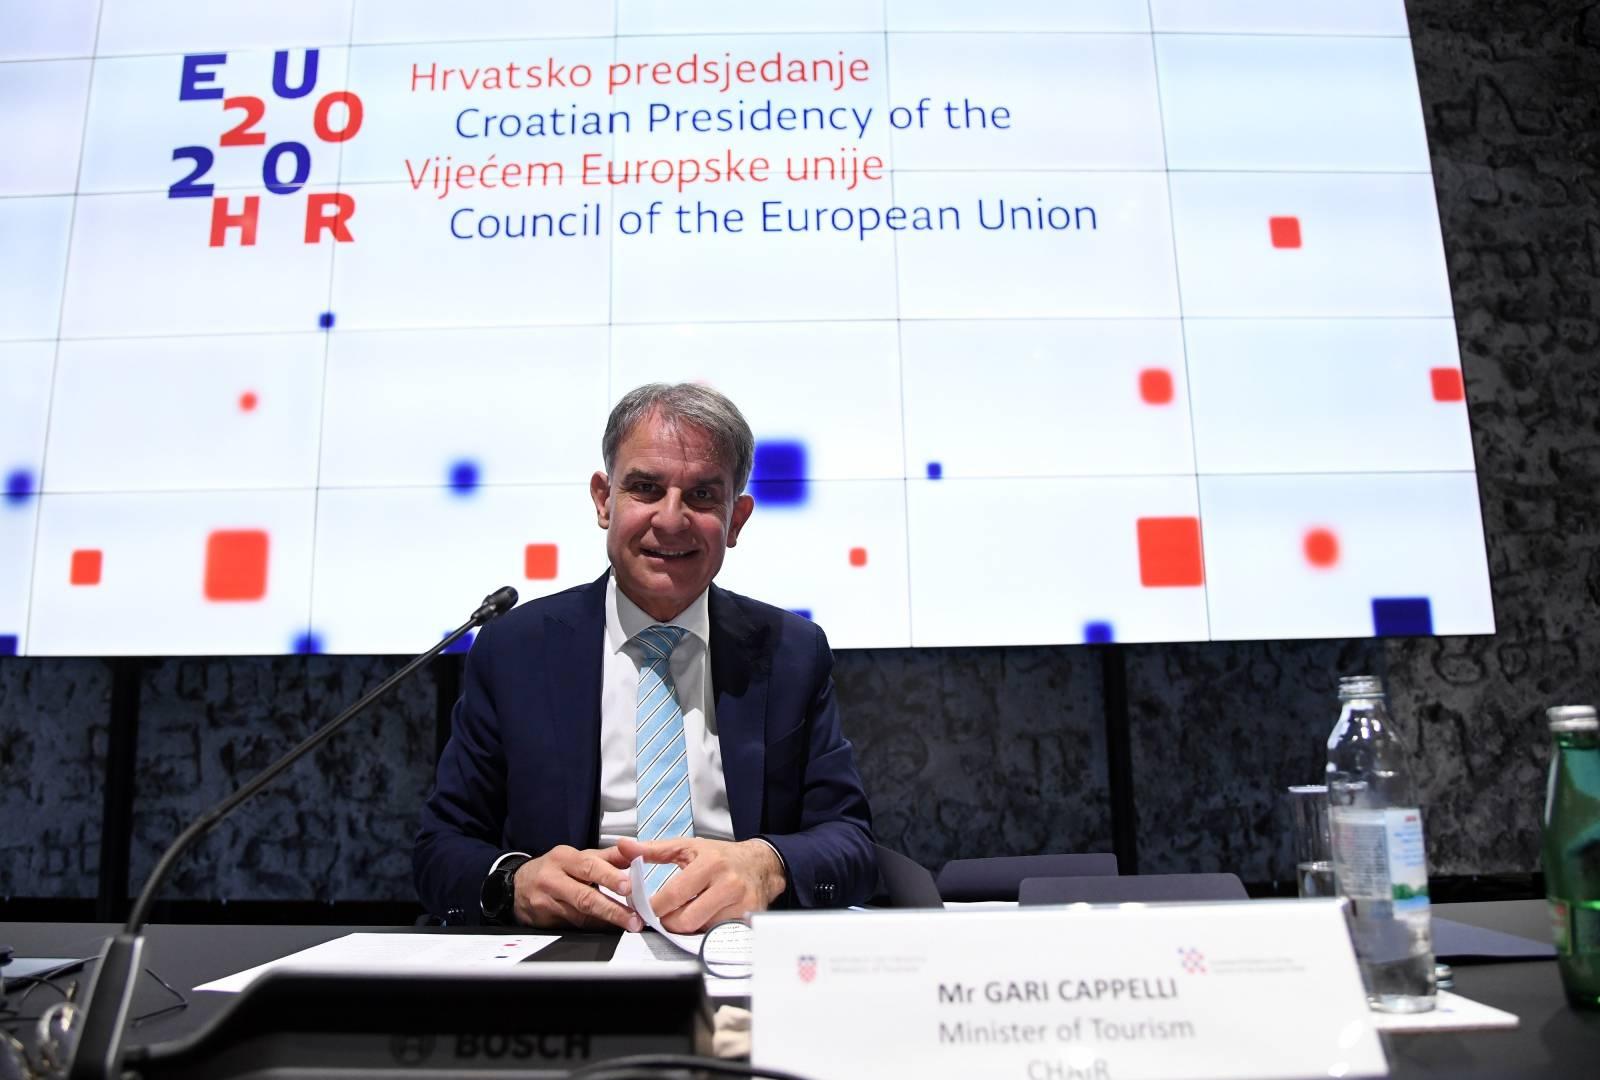 Zagreb: Ministar turizma Gari Cappelli održao videokonferenciju s ministrima EU